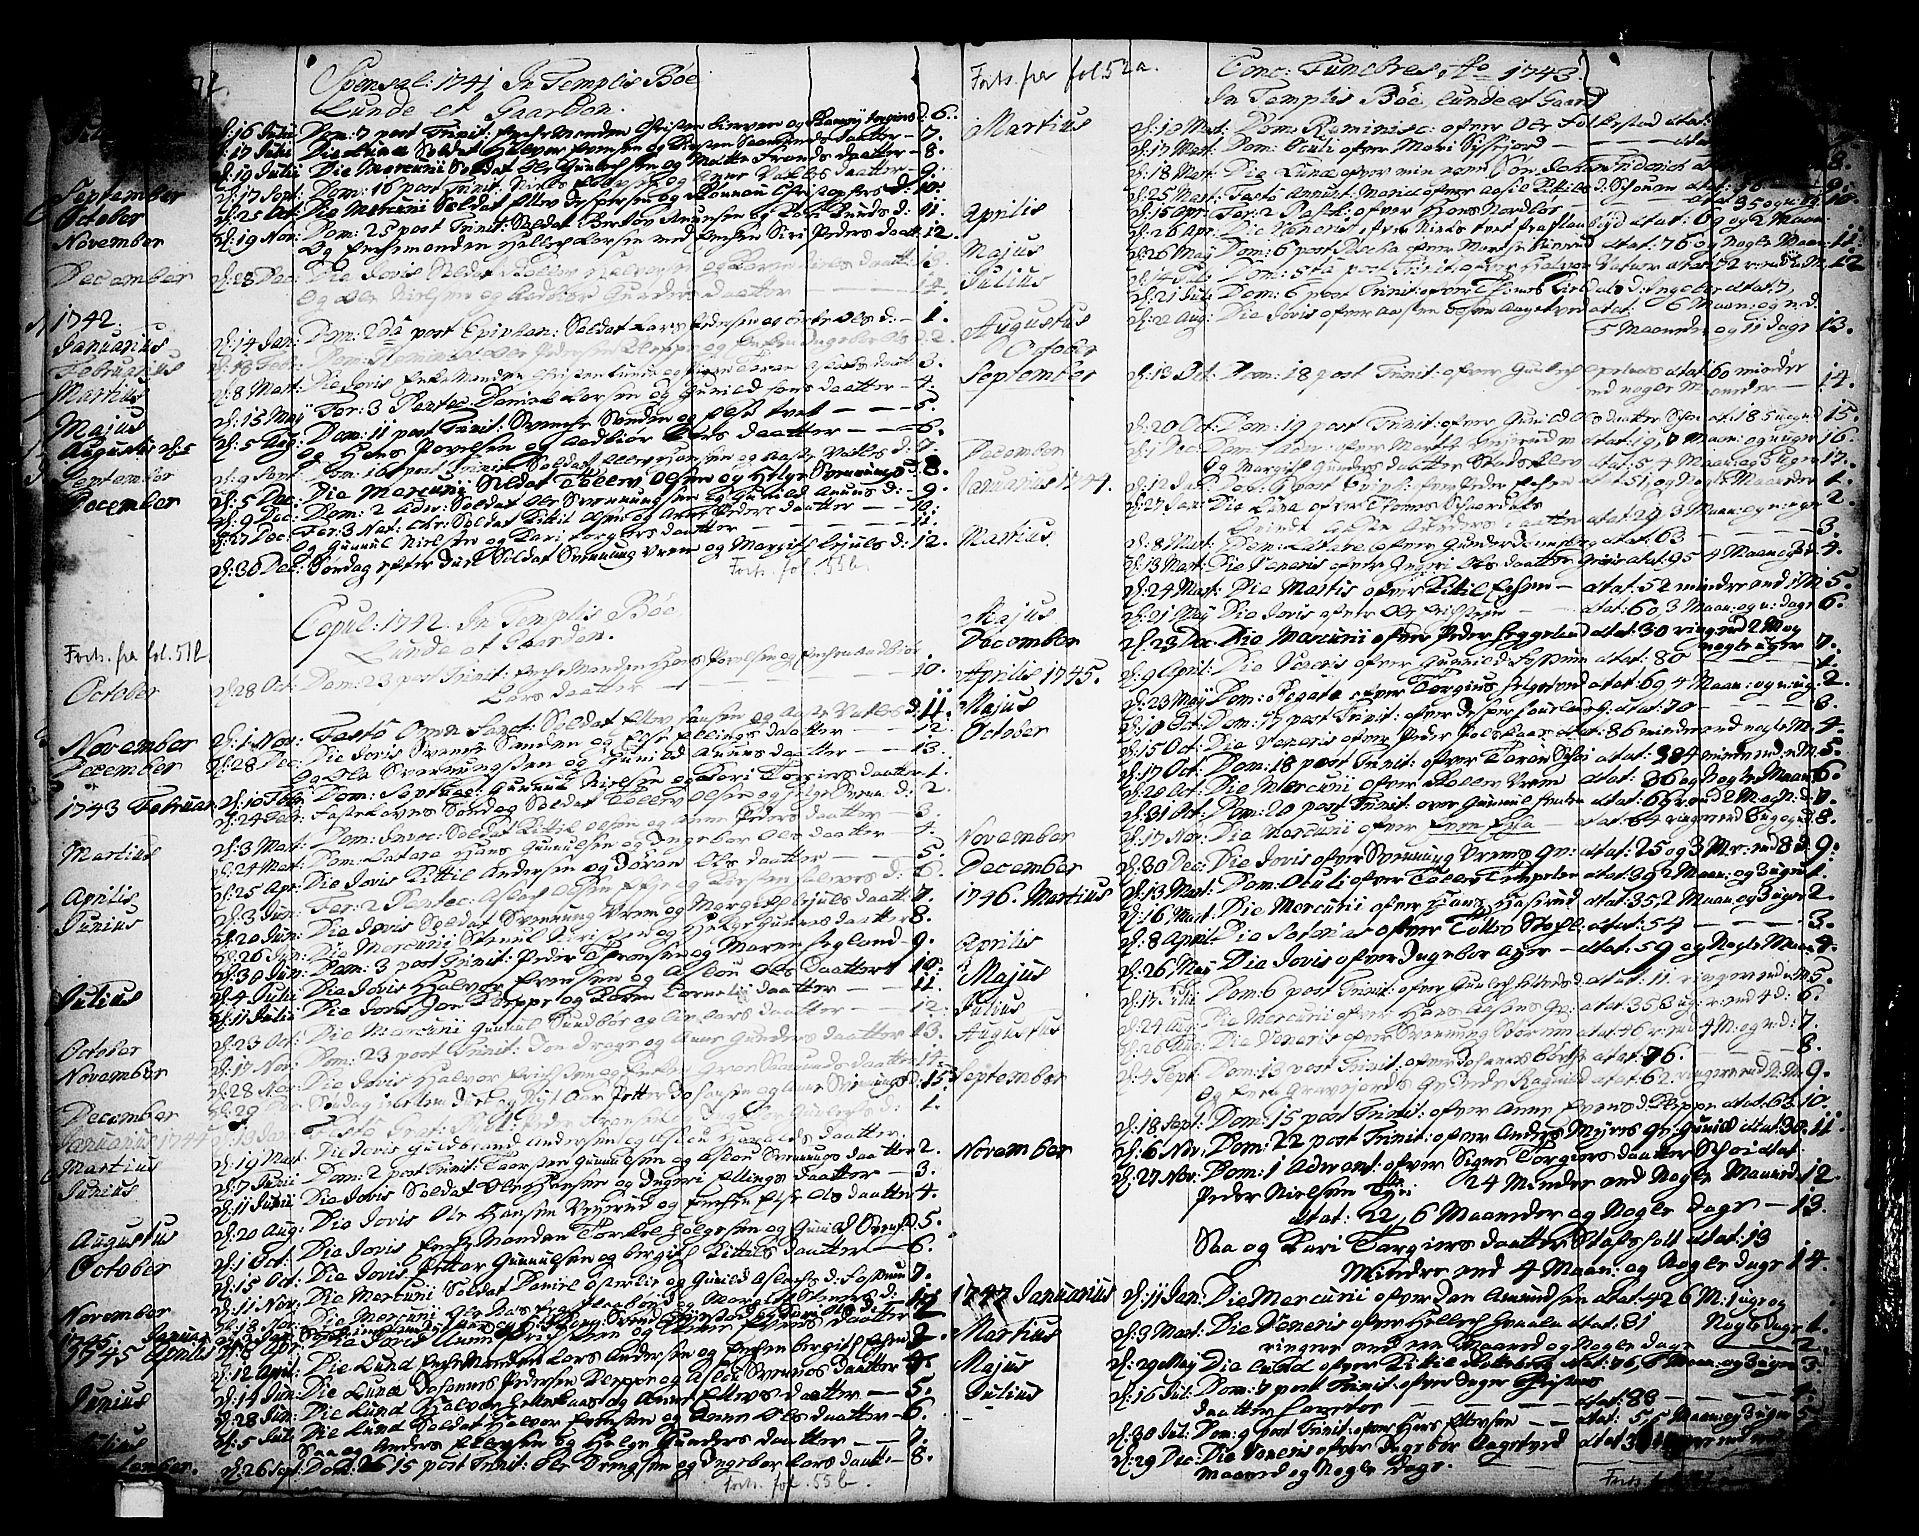 SAKO, Bø kirkebøker, F/Fa/L0003: Ministerialbok nr. 3, 1733-1748, s. 54